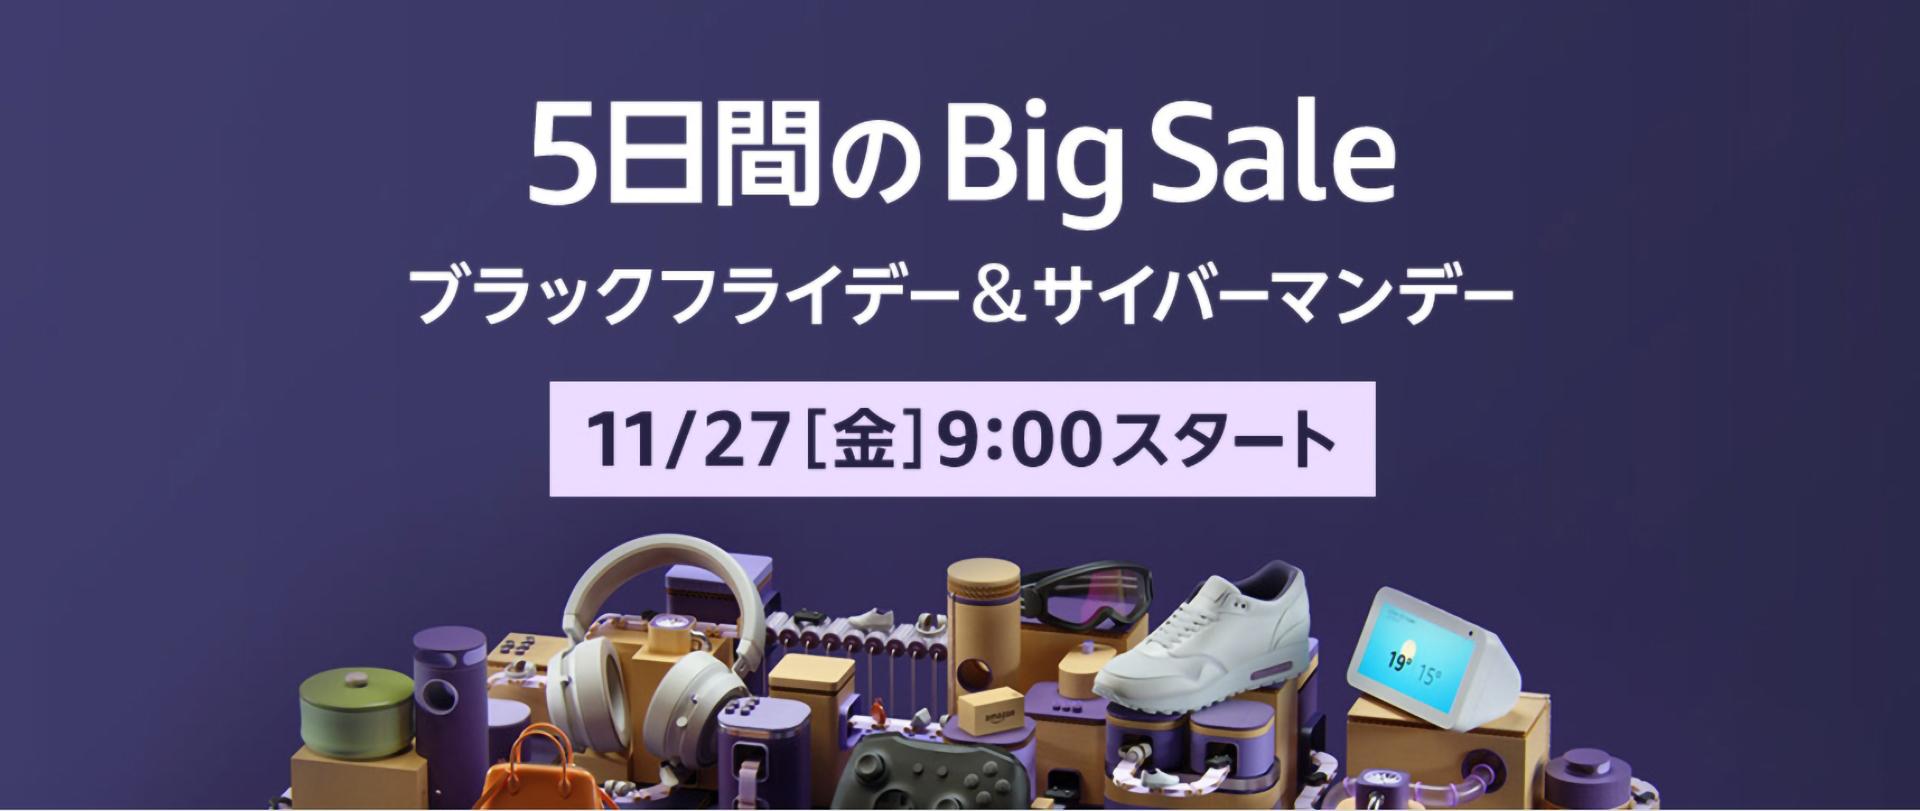 Amazonの大型セール「ブラックフライデー&サイバーマンデー」開催は11月27日9時から!かしこく買い物するための準備まとめ